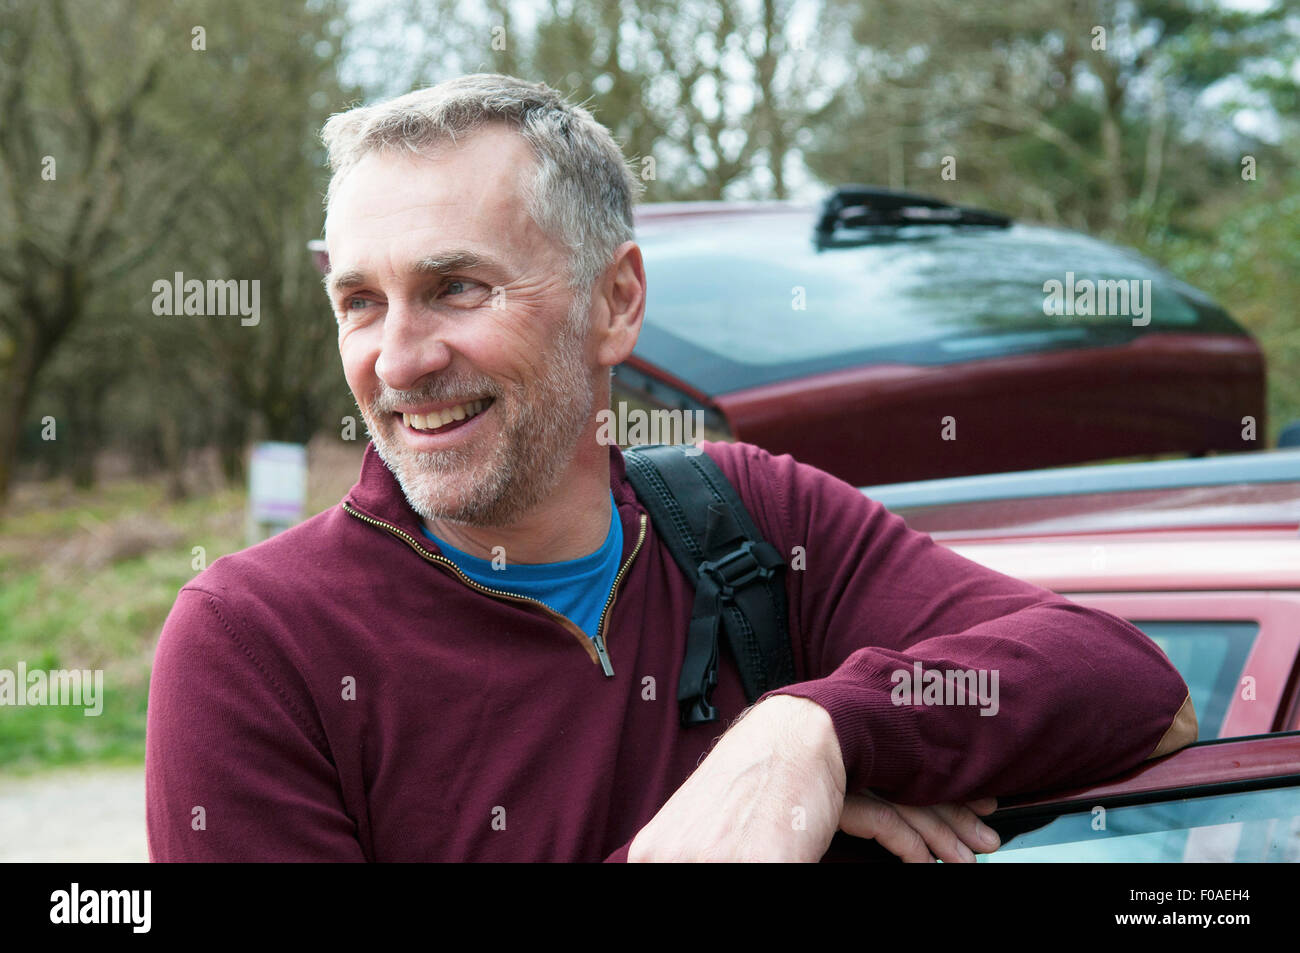 Portrait of male hiker appuyé contre la porte de voiture Photo Stock